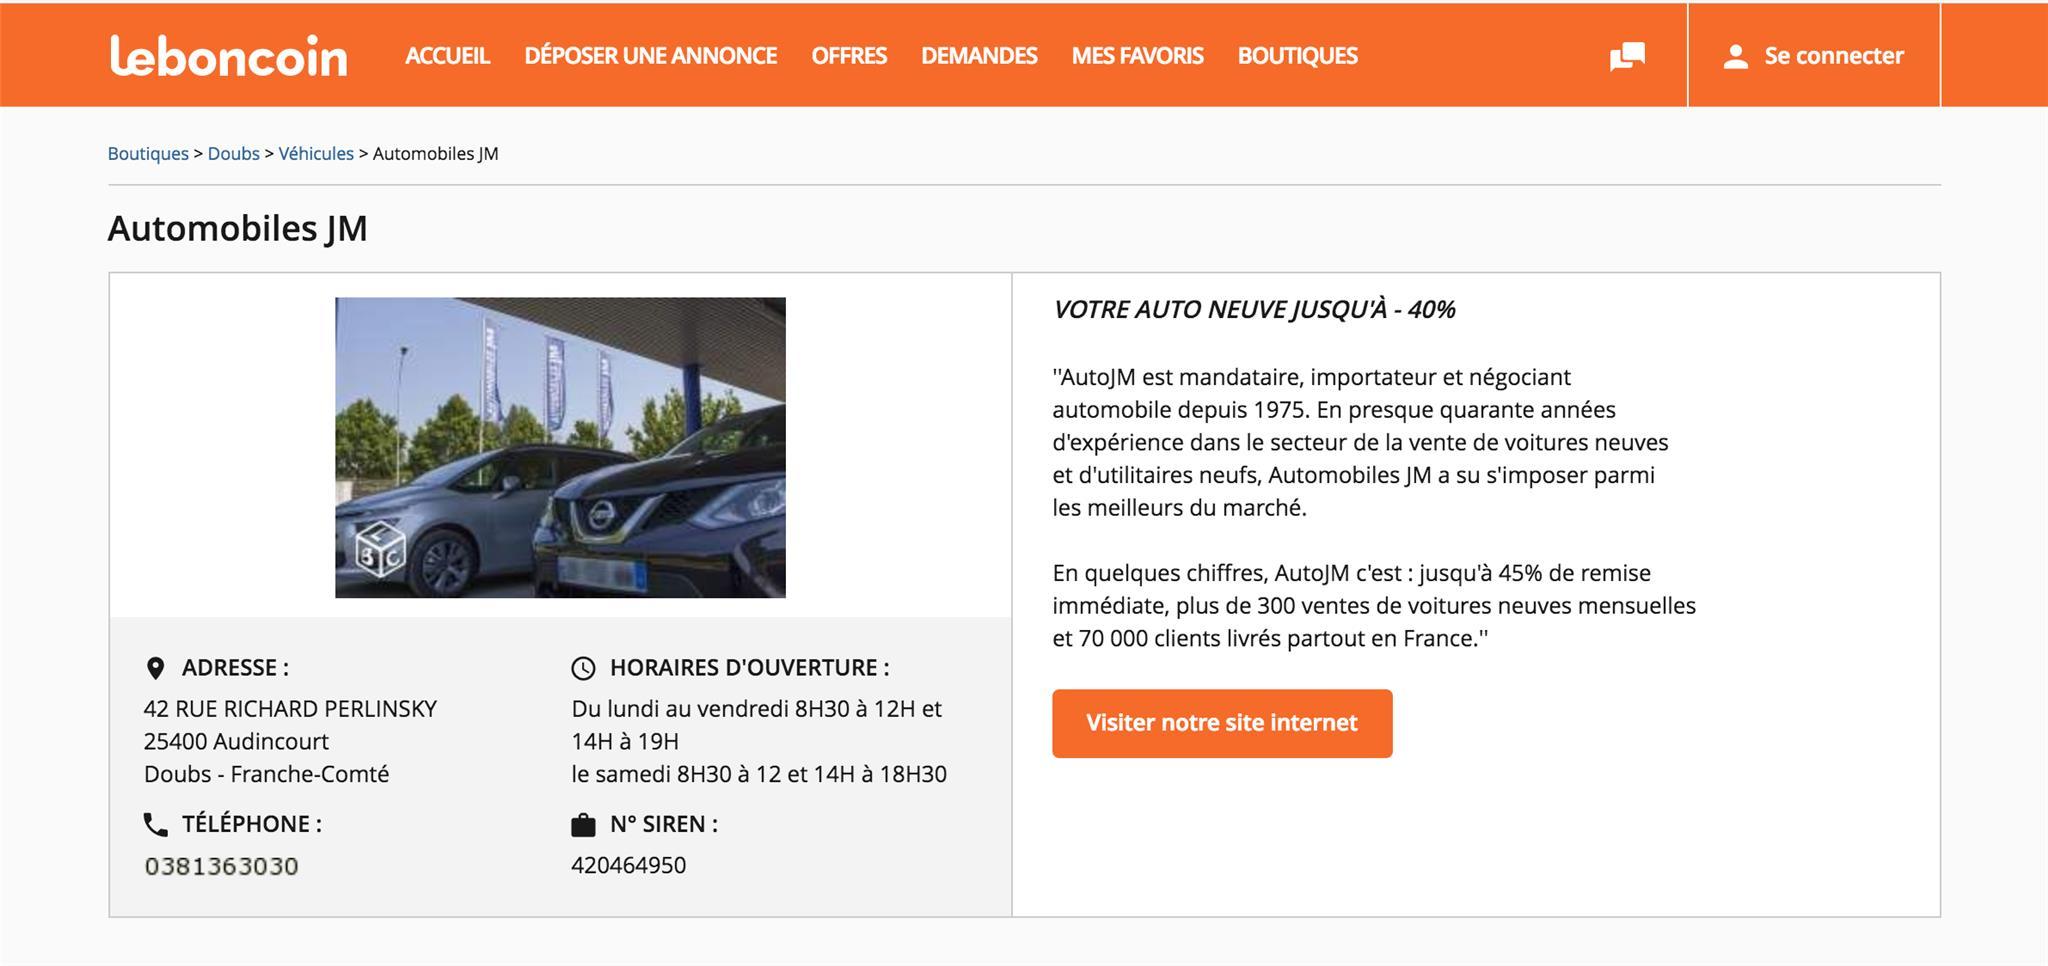 Boutique Leboncoin d'AutoJM